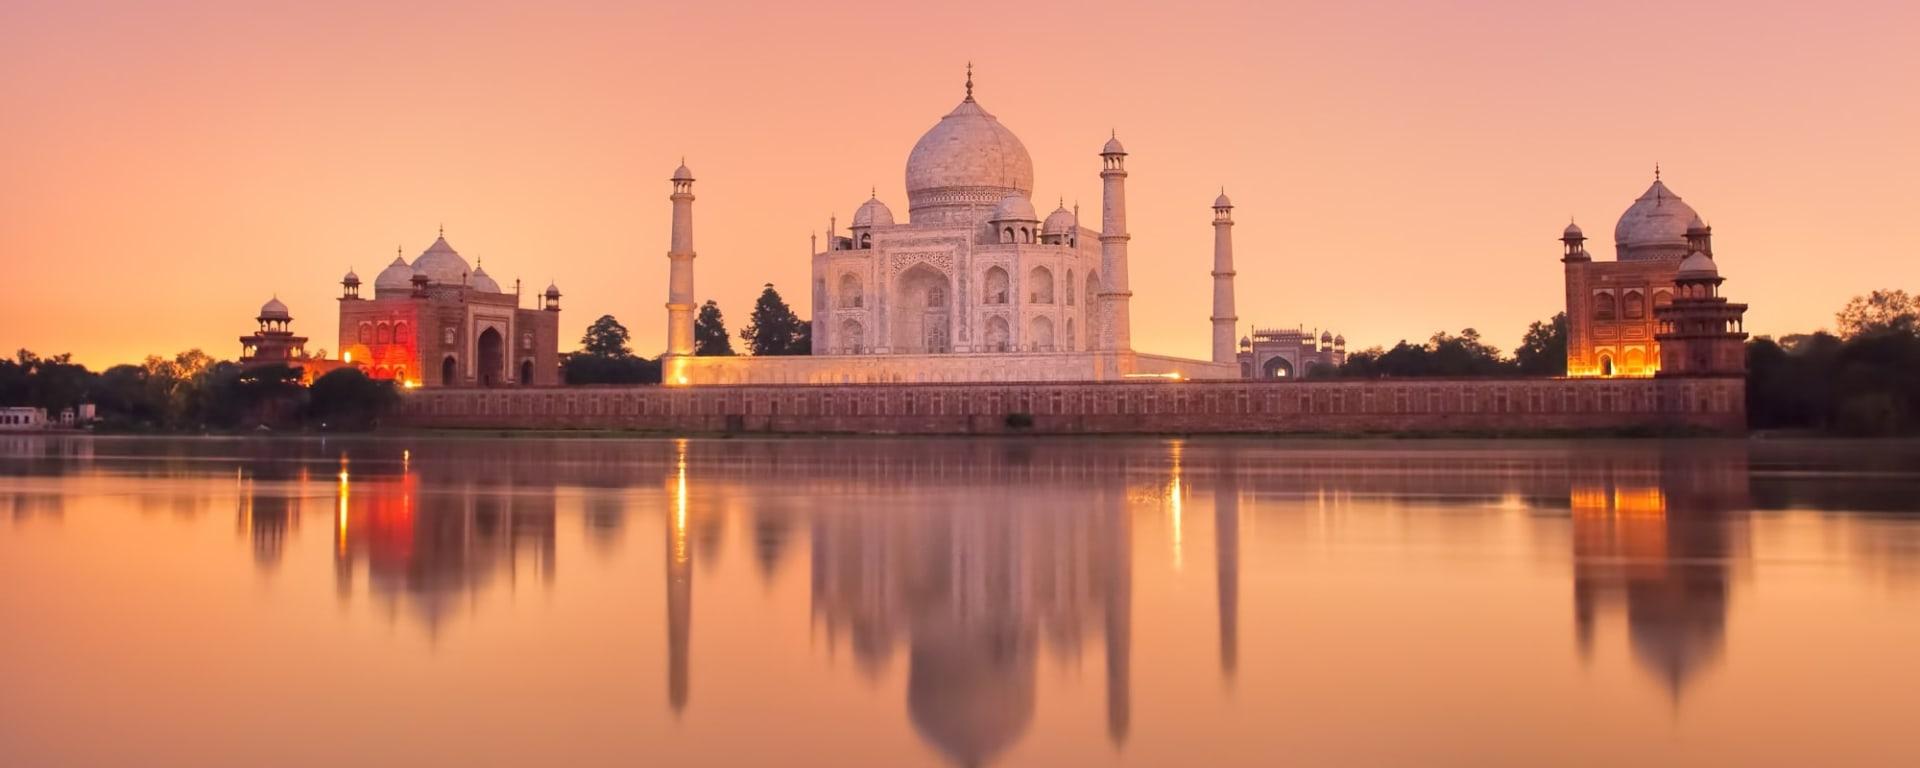 Indien entdecken mit Tischler Reisen: Indien Agra Taj Mahal